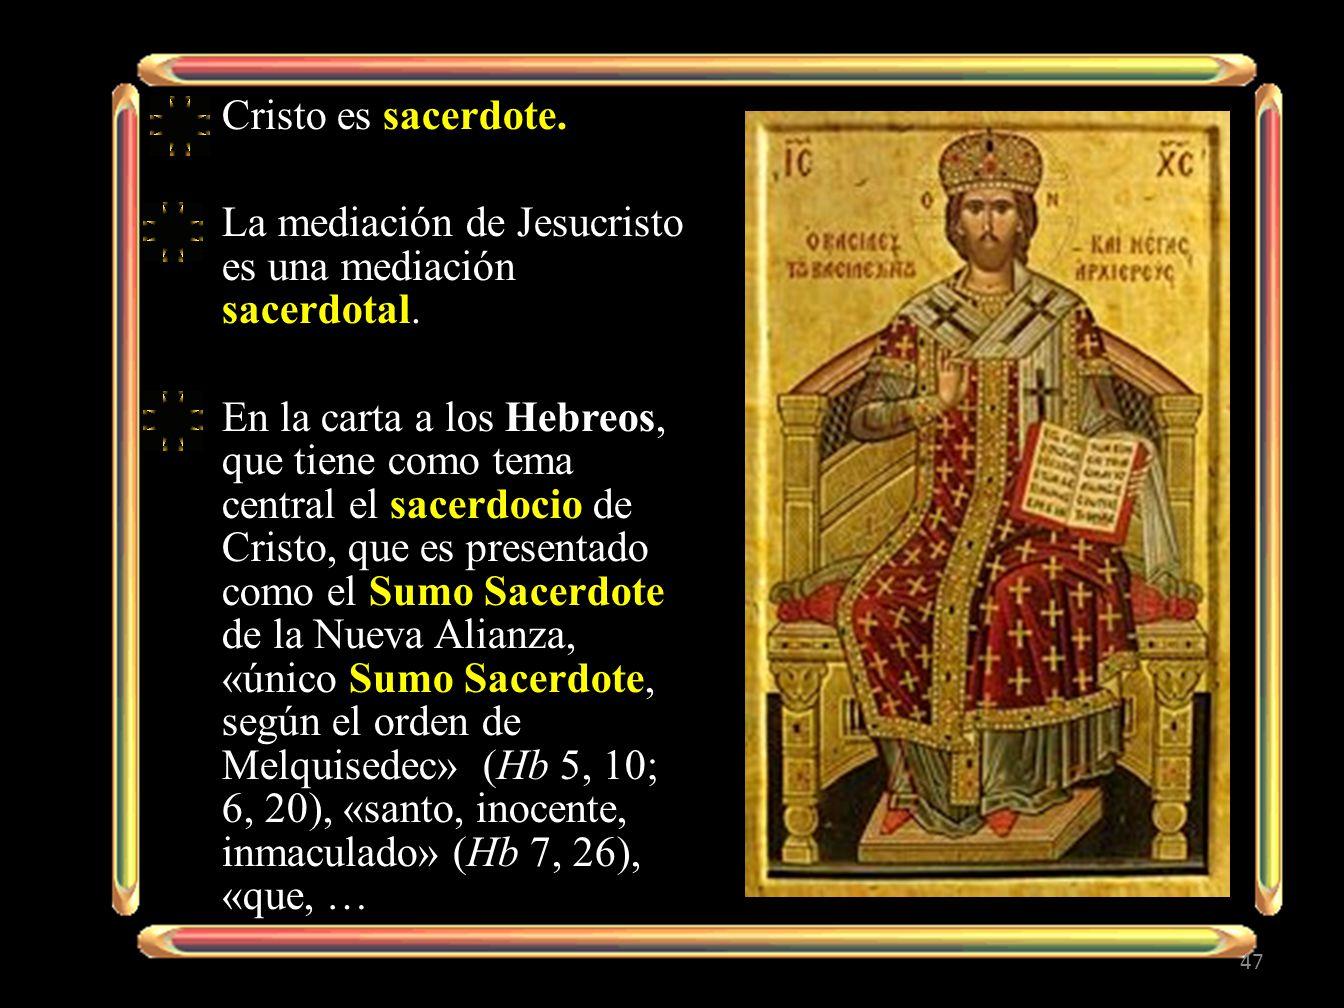 Cristo es sacerdote. La mediación de Jesucristo es una mediación sacerdotal.